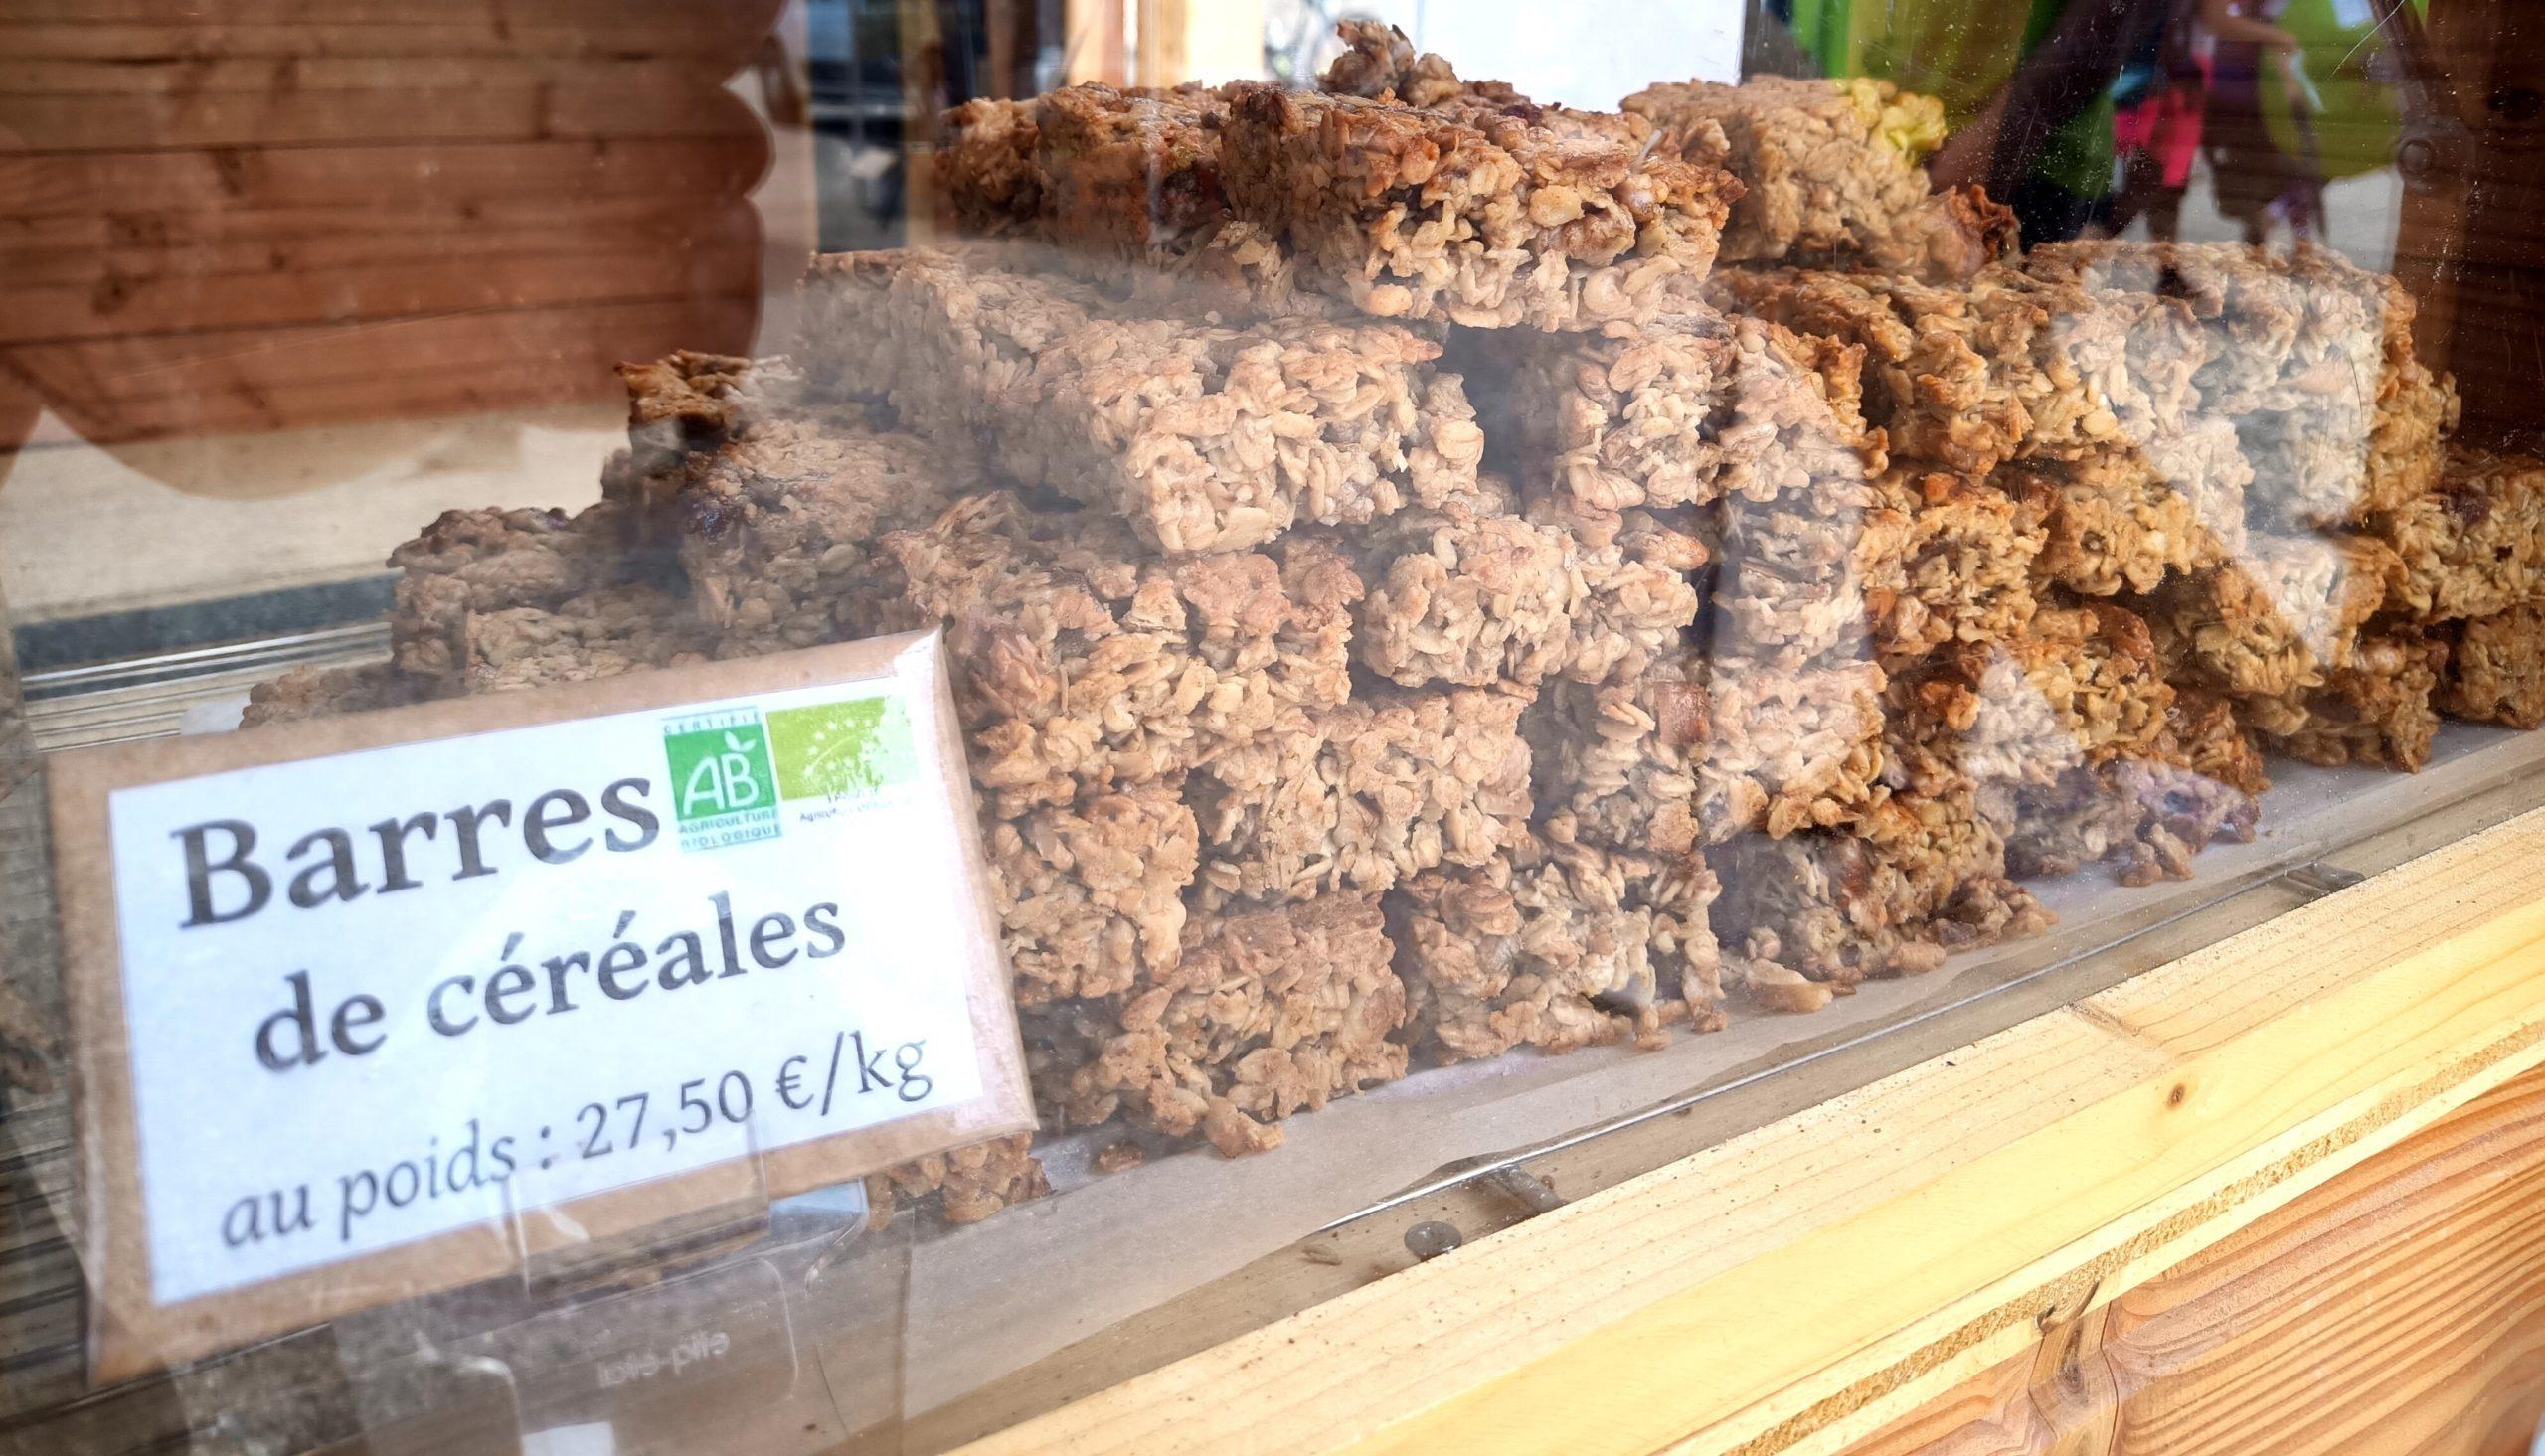 barres de céréales vendues au poids